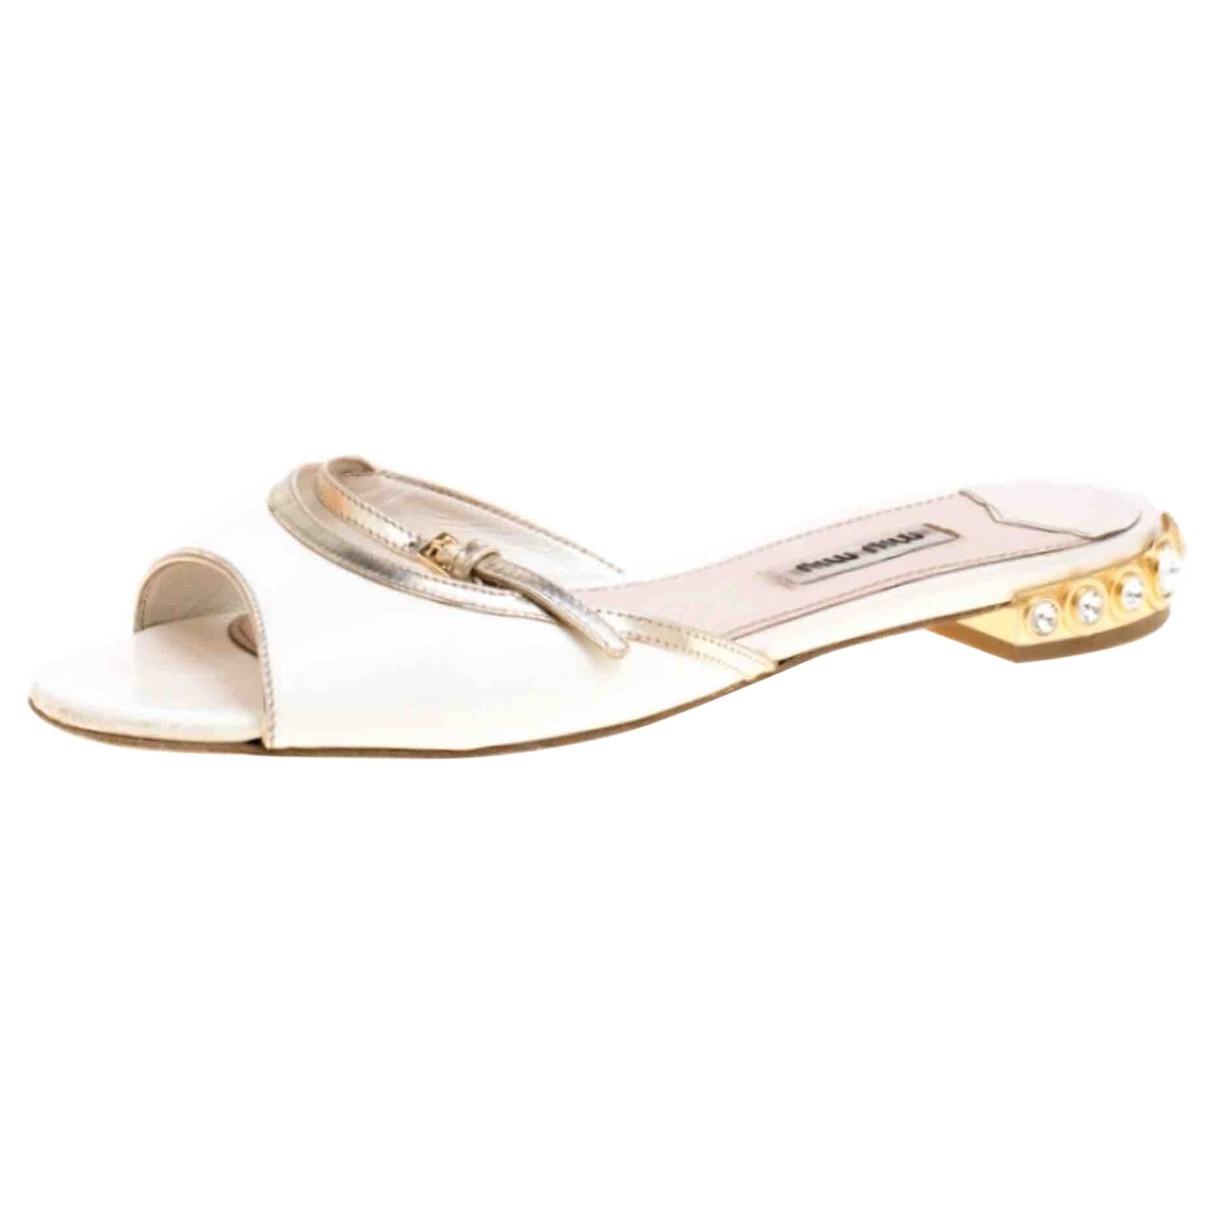 Miu Miu - Sandales   pour femme en cuir verni - blanc